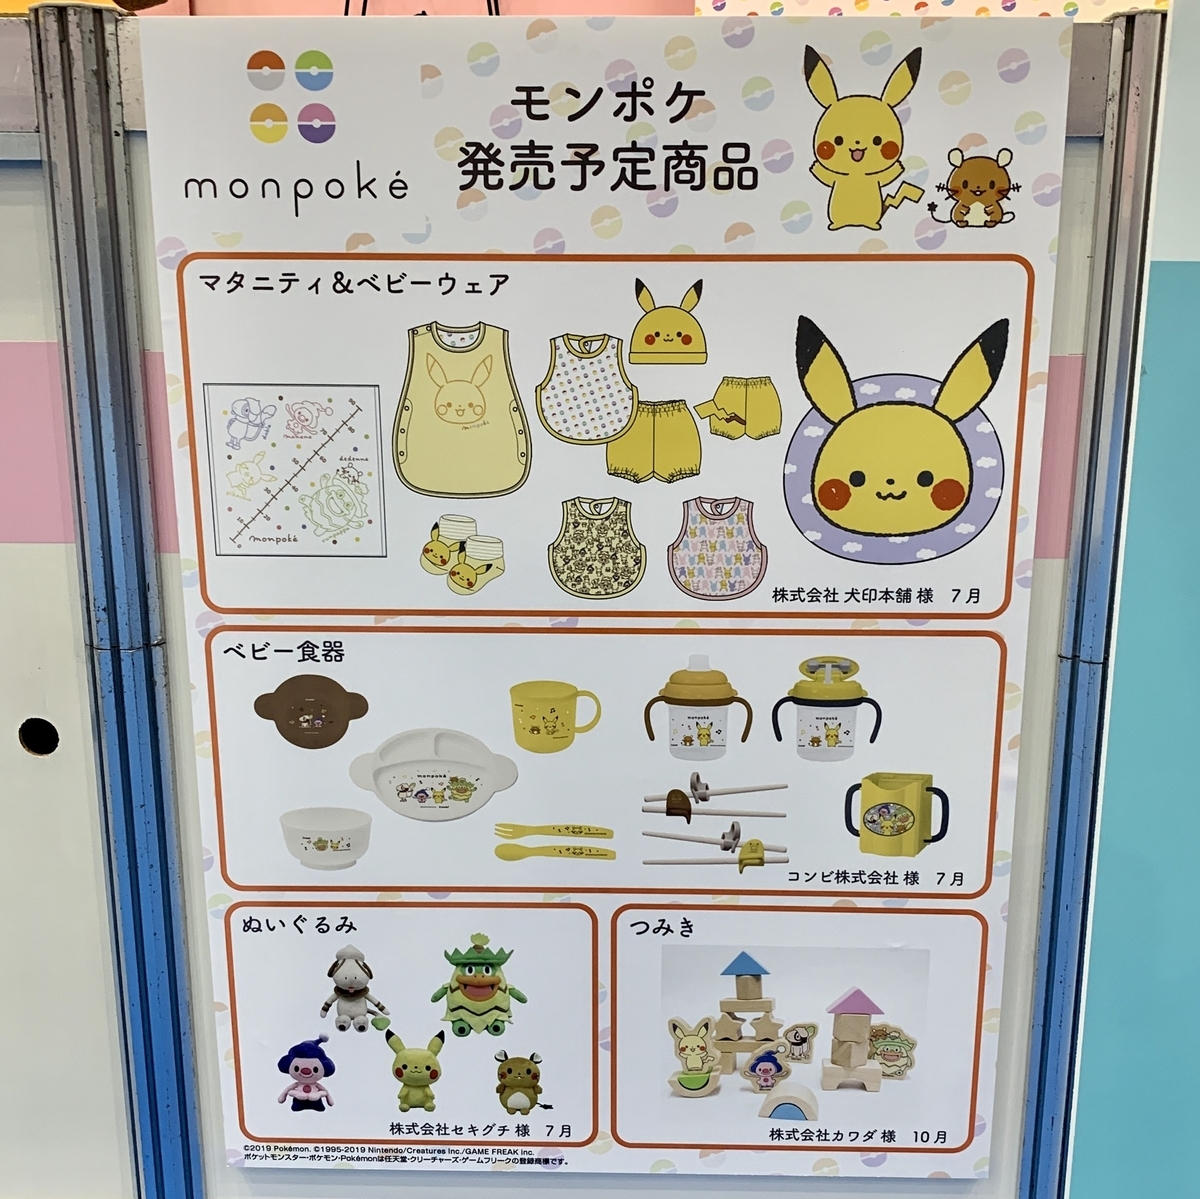 f:id:pikachu_pcn:20190613212350j:plain